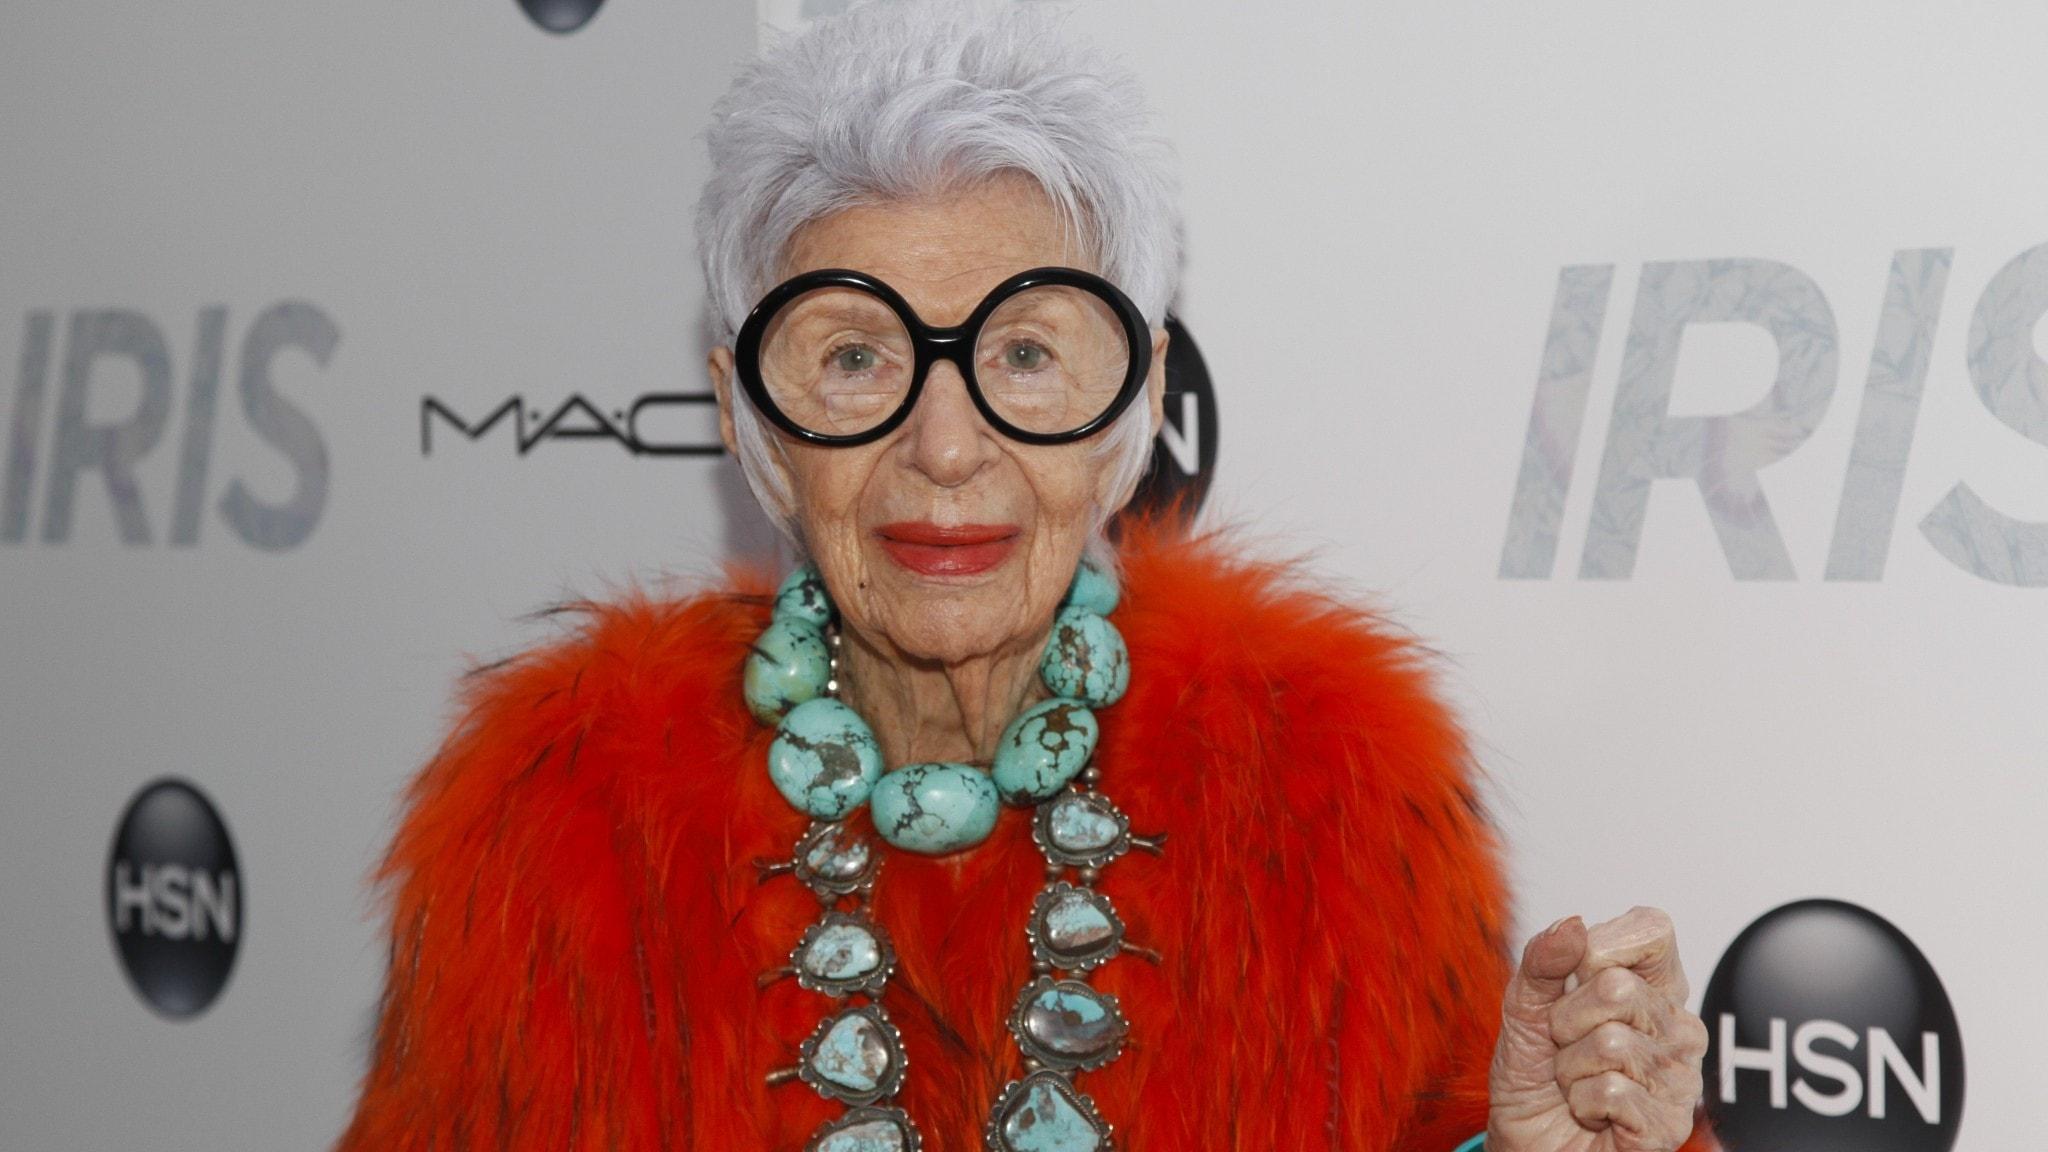 Hundraåringen som klev in i modevärlden och ställde till med en skräll – Iris Apfel